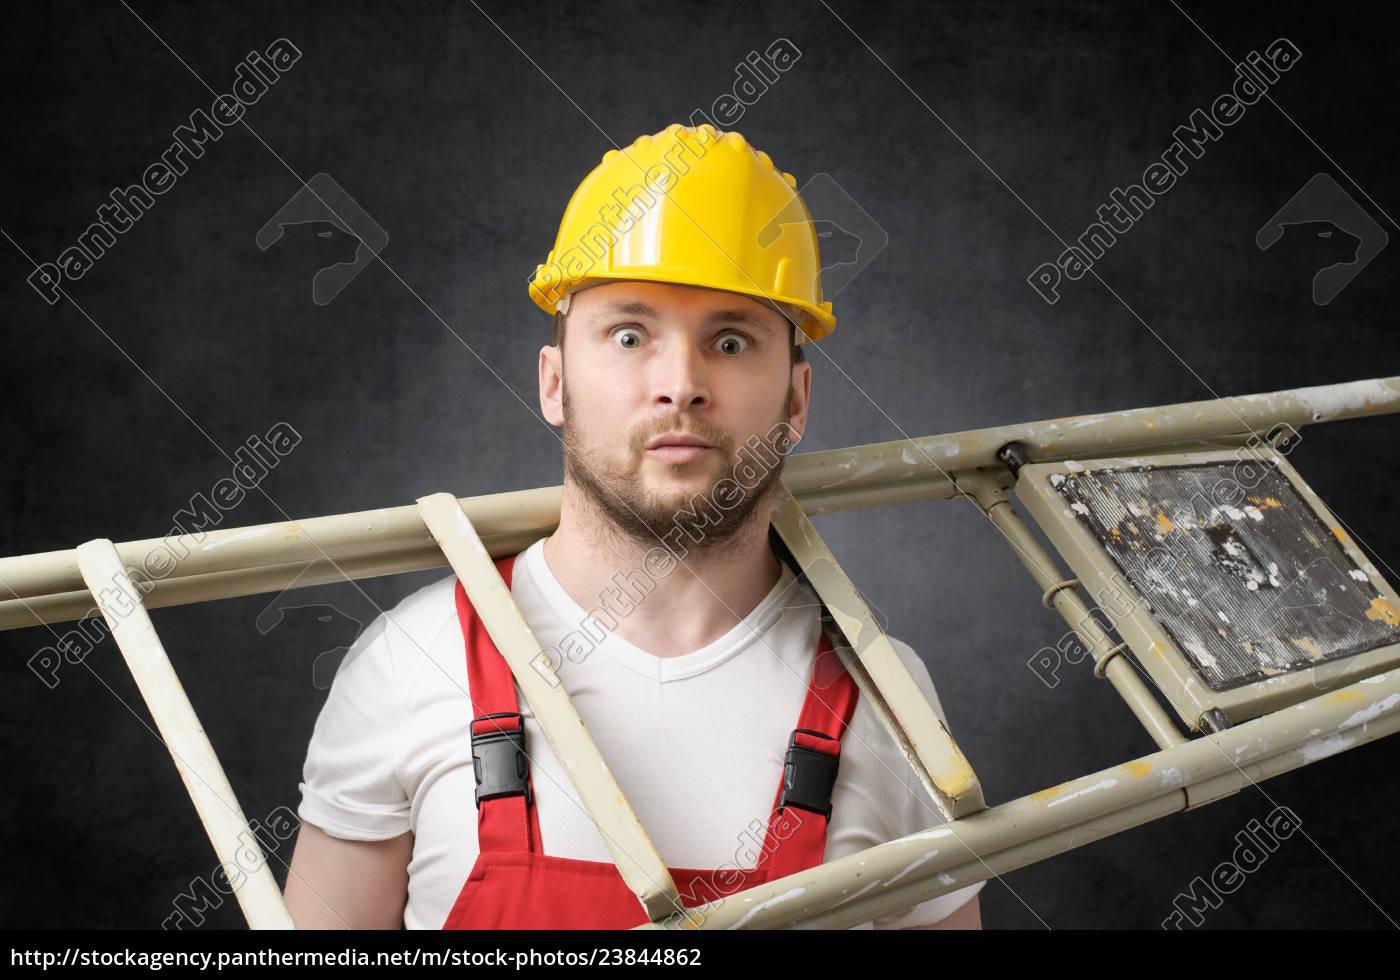 trabajador, torpe, con, la, escala - 23844862